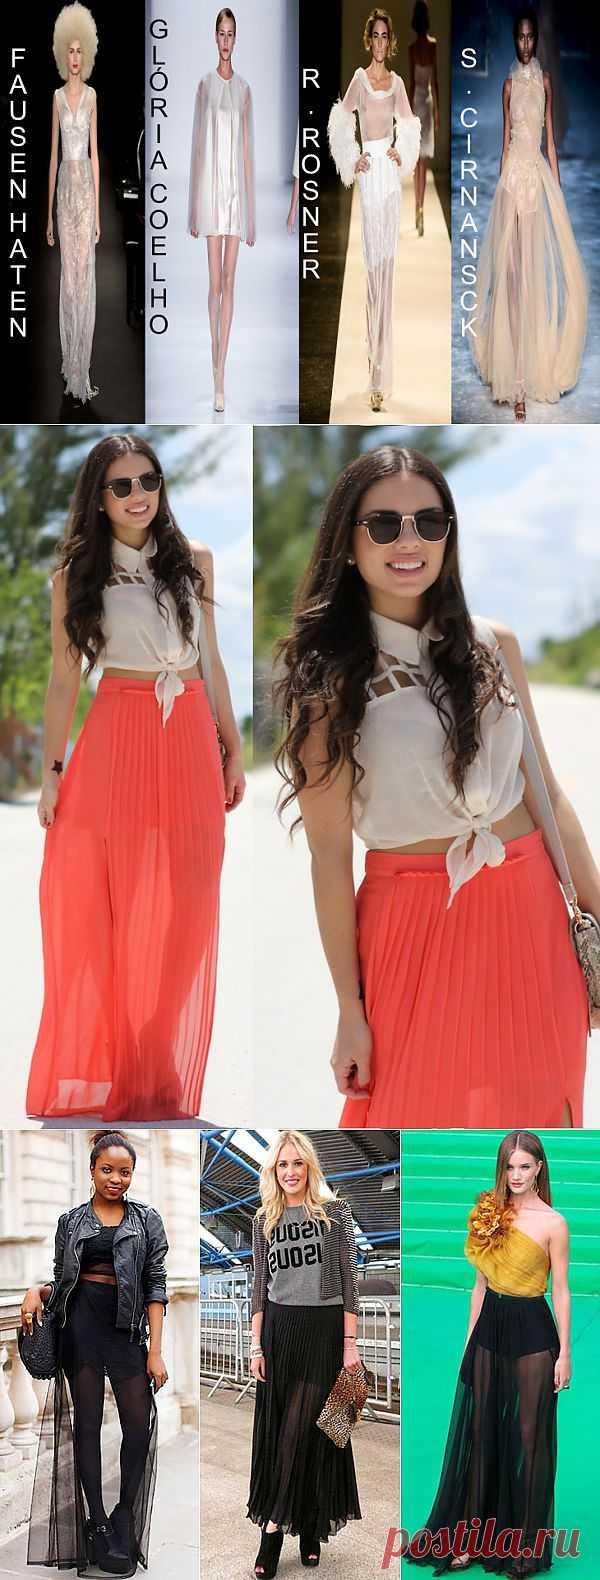 Скромная нескромность (трафик, подборка) / Тенденции / Модный сайт о стильной переделке одежды и интерьера